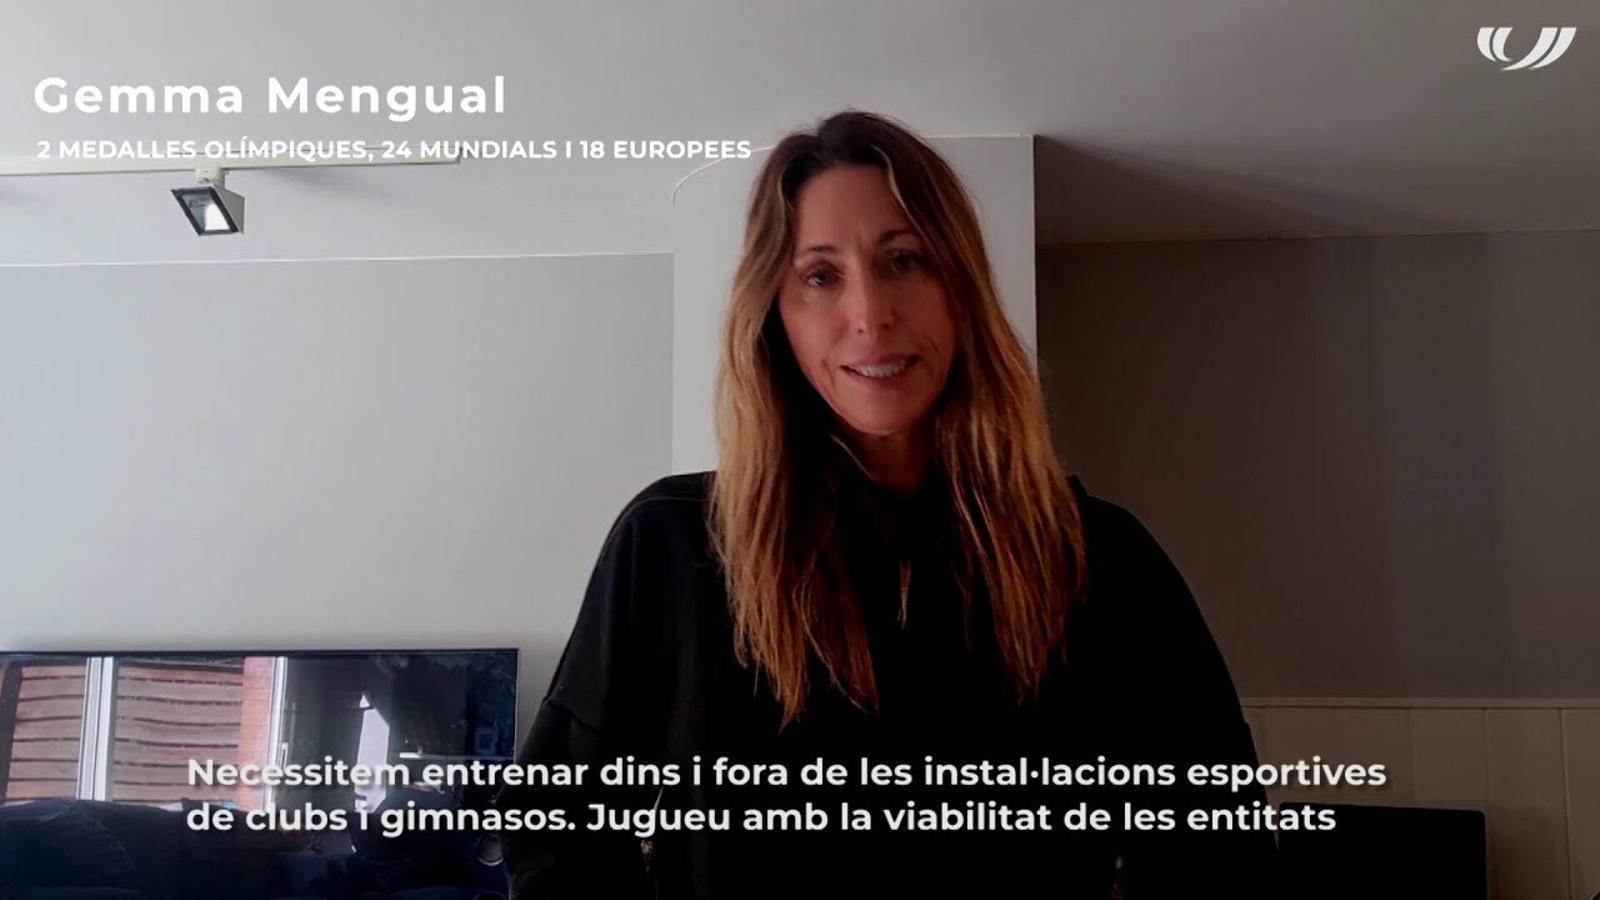 L'últim crit de l'esport català perquè es reprenguin les competicions